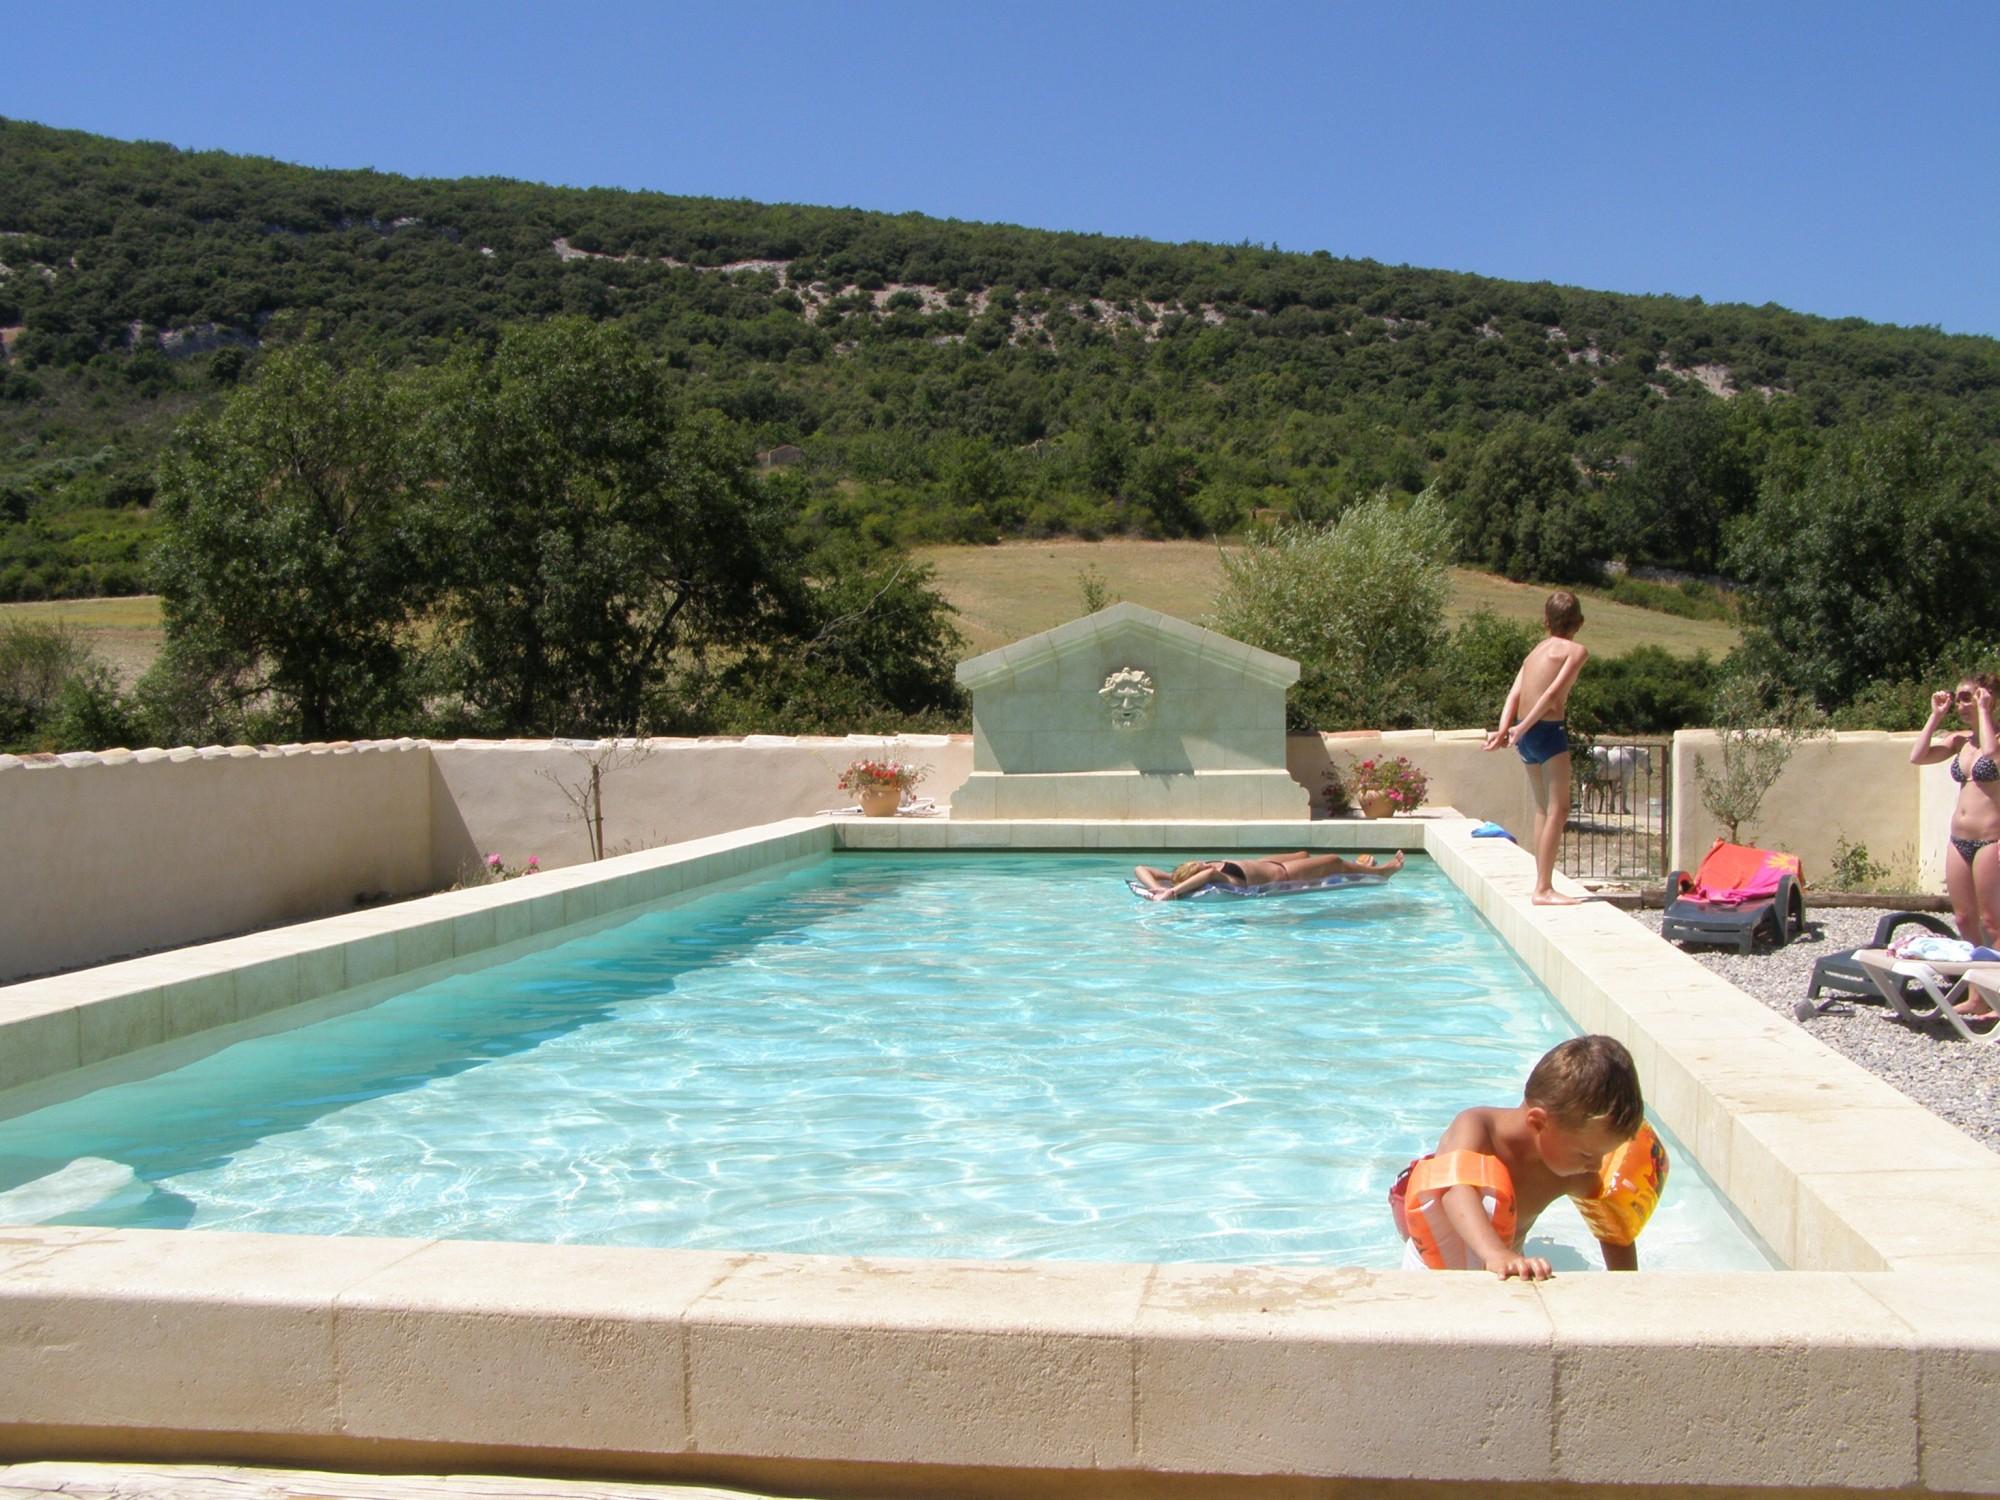 Chambre d 39 h te de charme avec piscine et jardin en - Maison d hote en alsace avec piscine ...